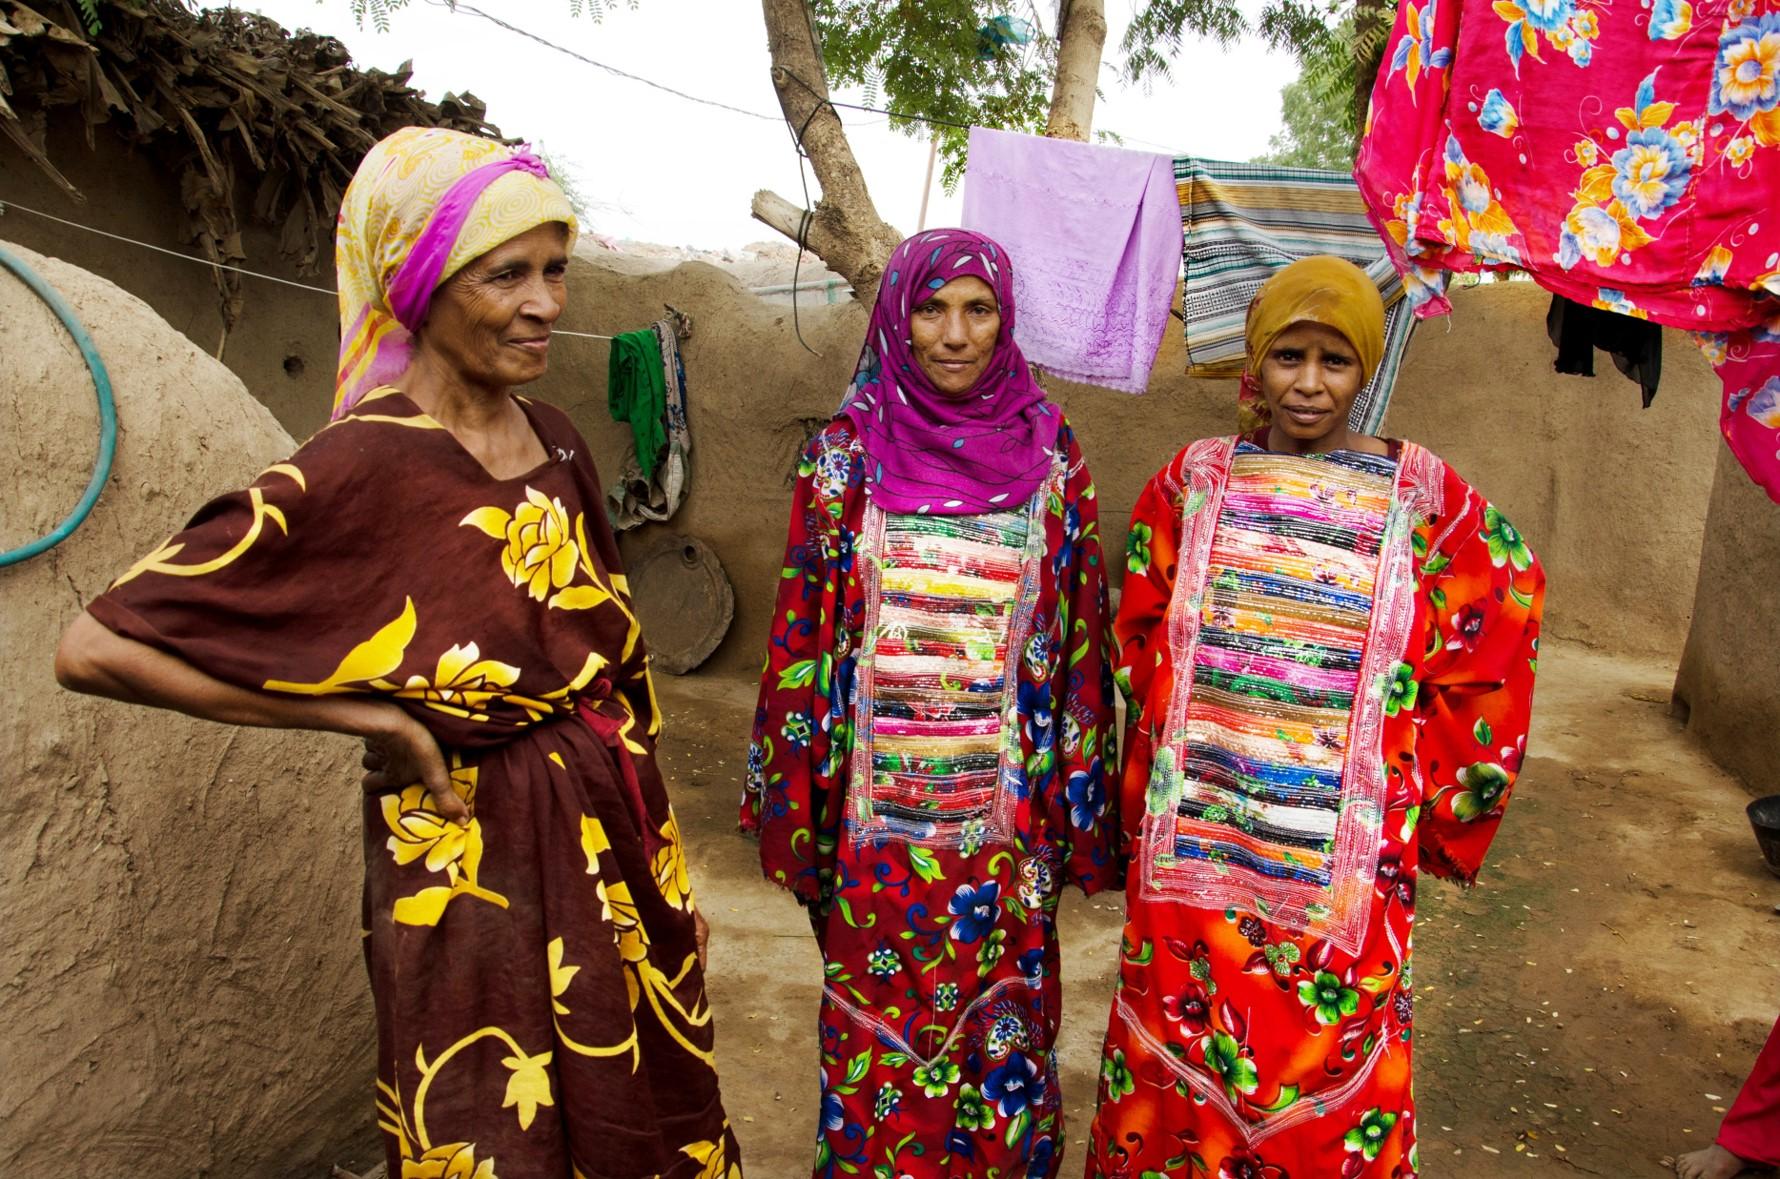 Yemeni women supported by Progressio's WASH project 2014. © Amira Al-SharifProgressio